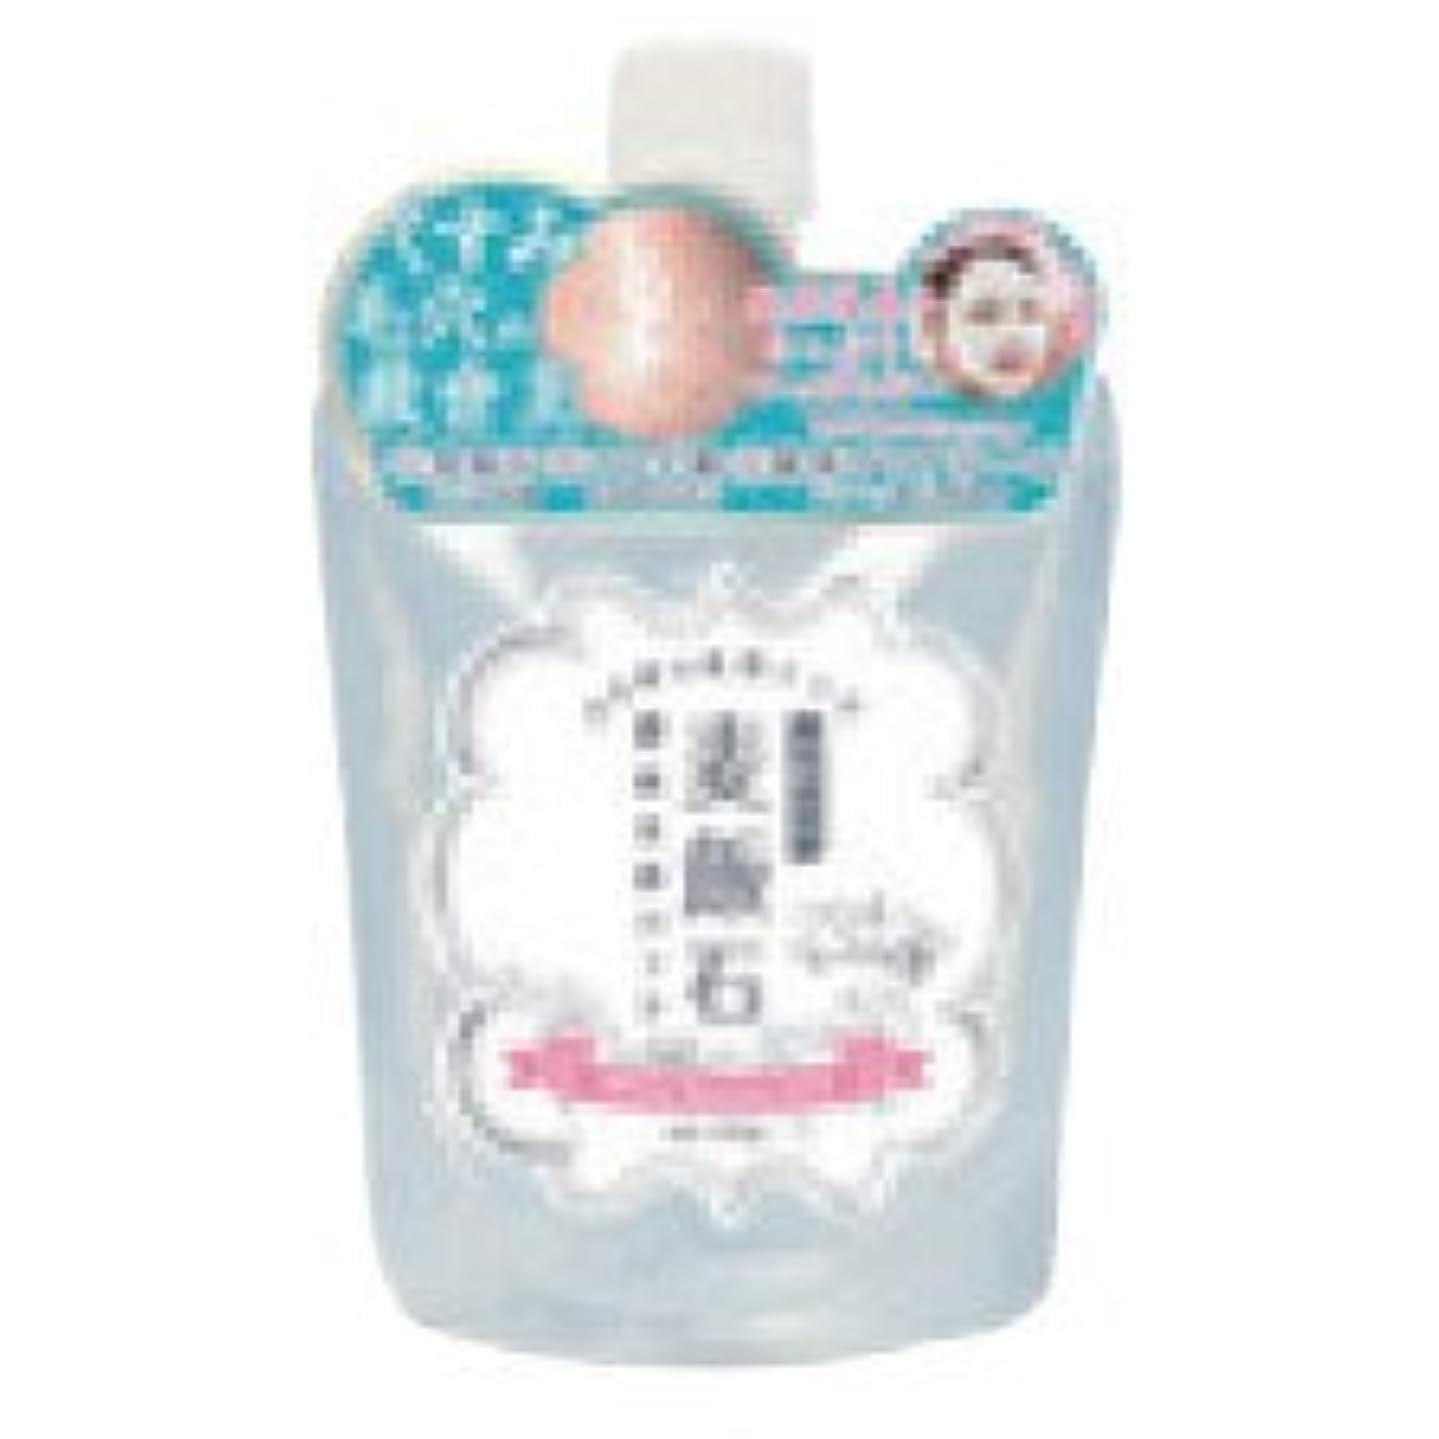 許可ご意見提供されたホワイトムースパック 美濃白川麦飯石酵素洗顔パック 100g 3個セット